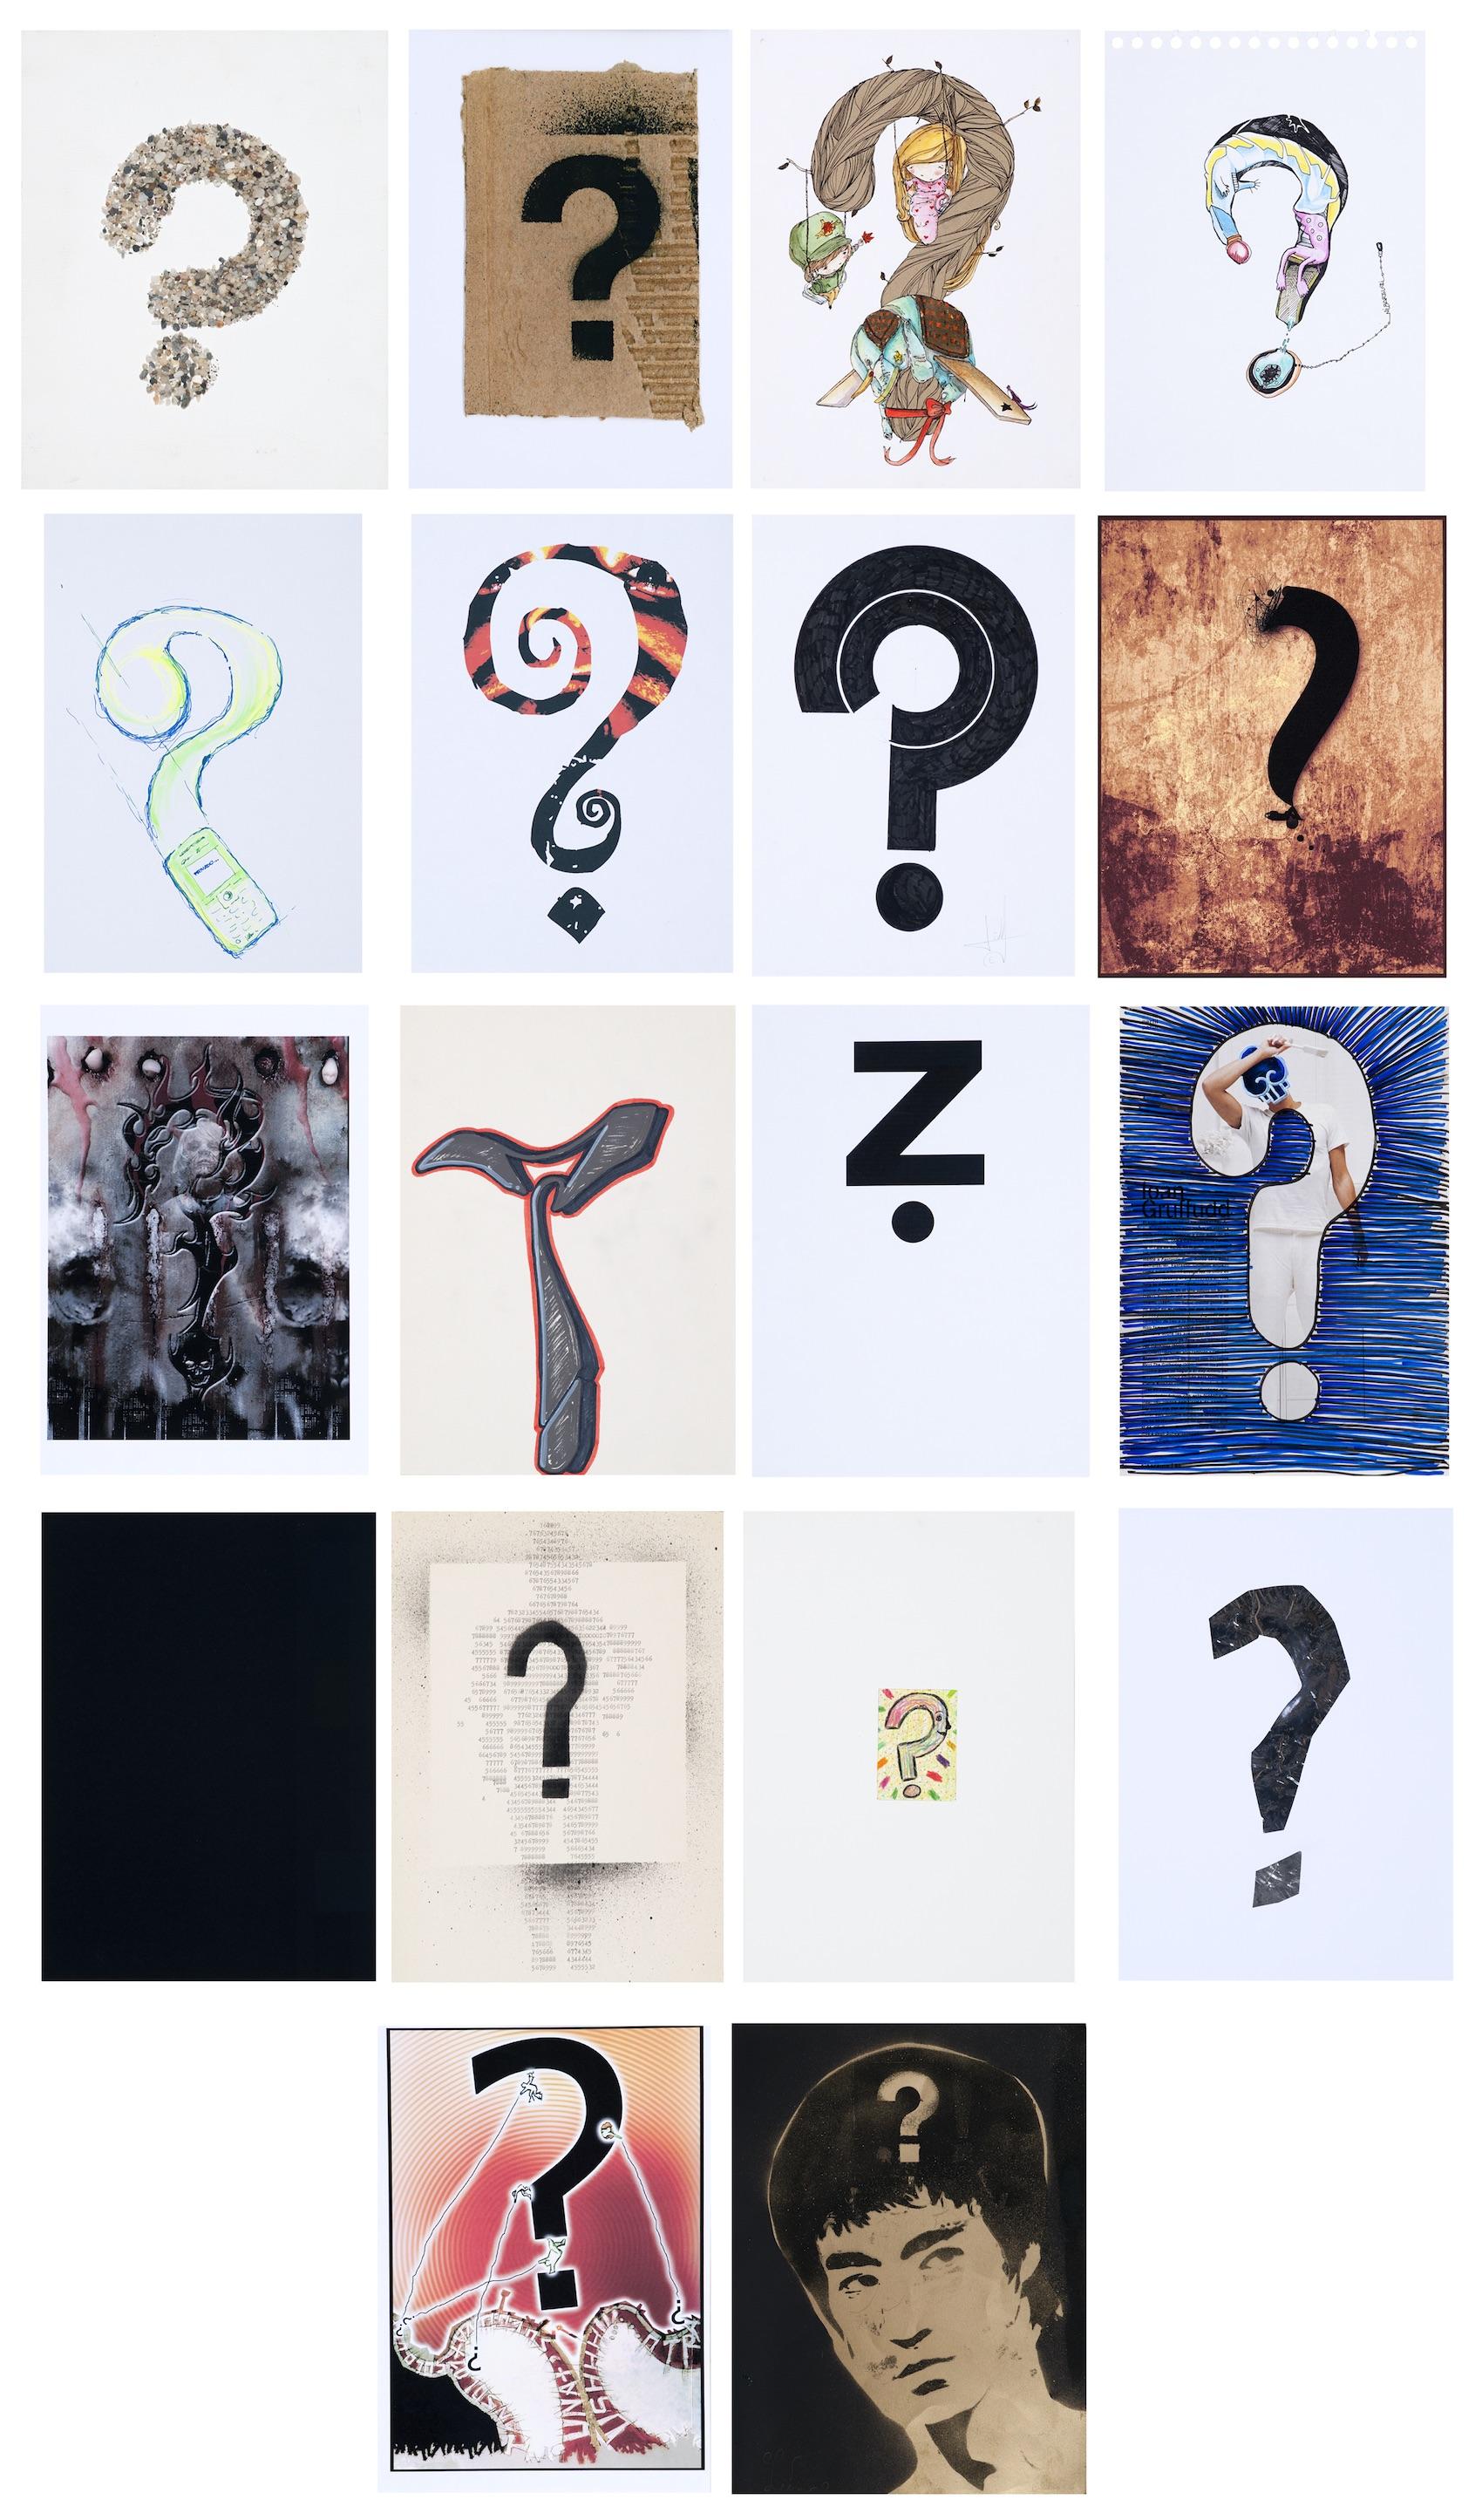 Cadavre & Grafit-Signe Interrogant | Gallus (Llort Figuerola, Jordi)